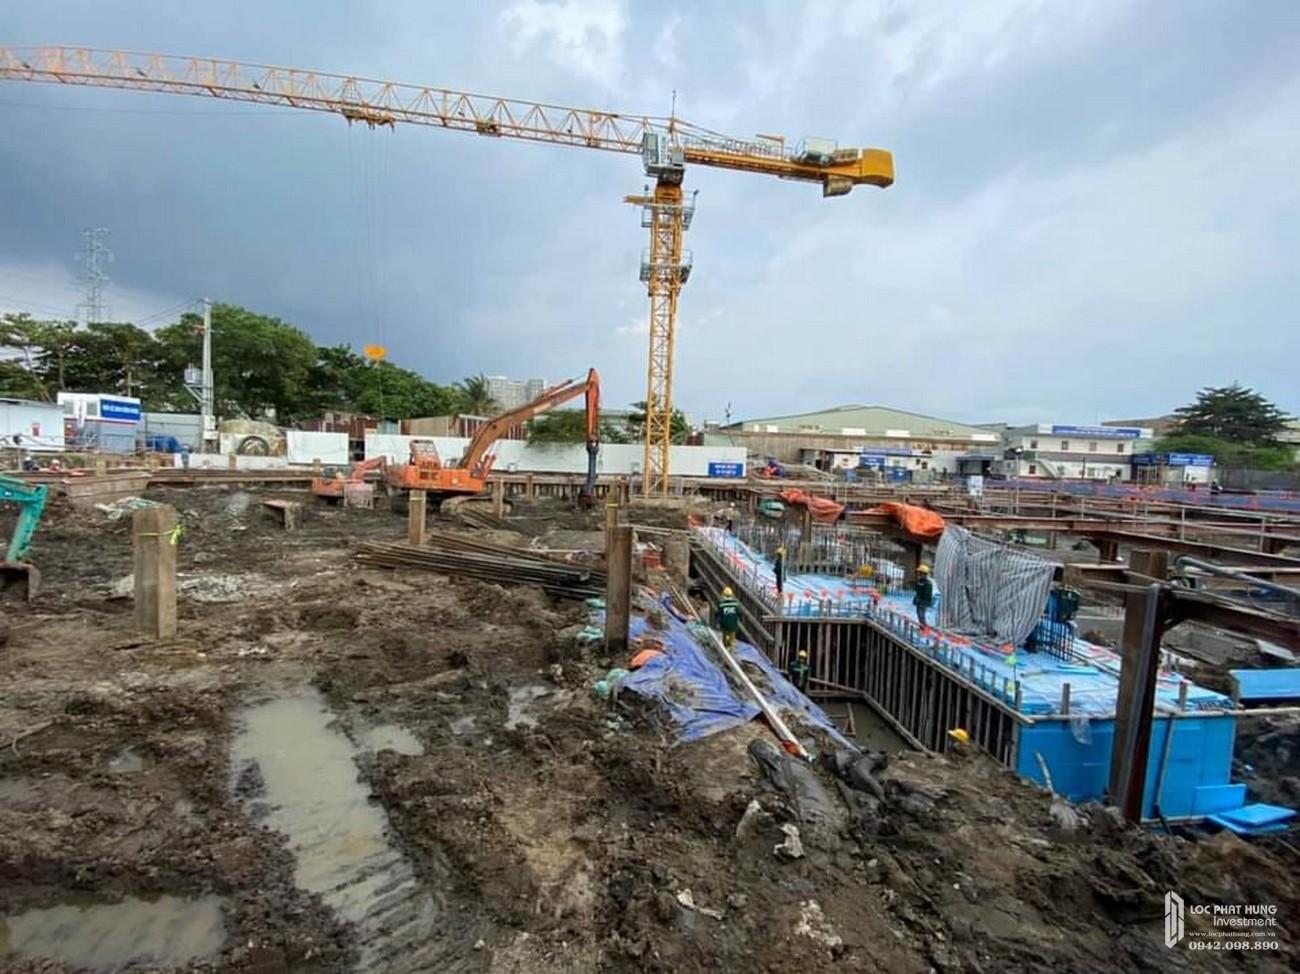 Tiến độ dự án căn hộ chung cư Pegasute 2 Quận 8 Đường Tạ Quang Bửu chủ đầu tư Phú Gia